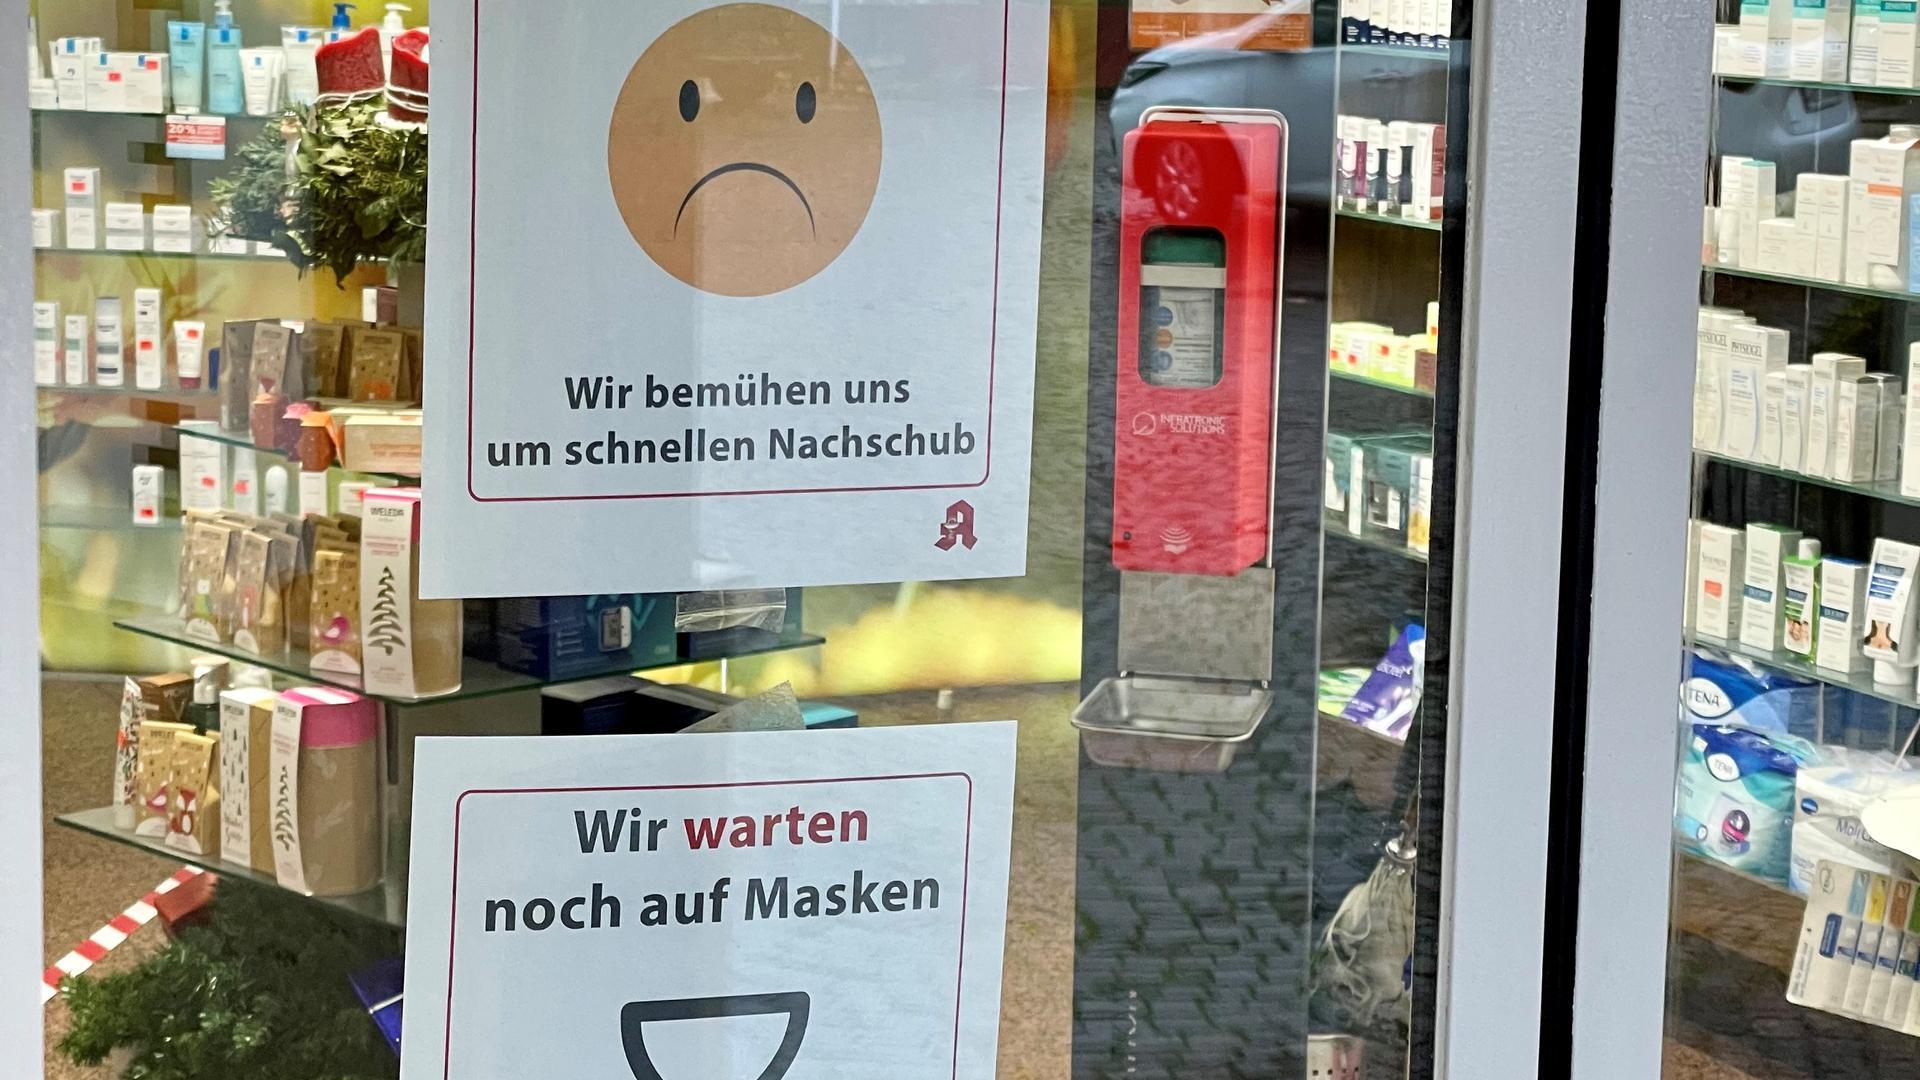 Eingangstür einer Apotheke mit Hinweisschild